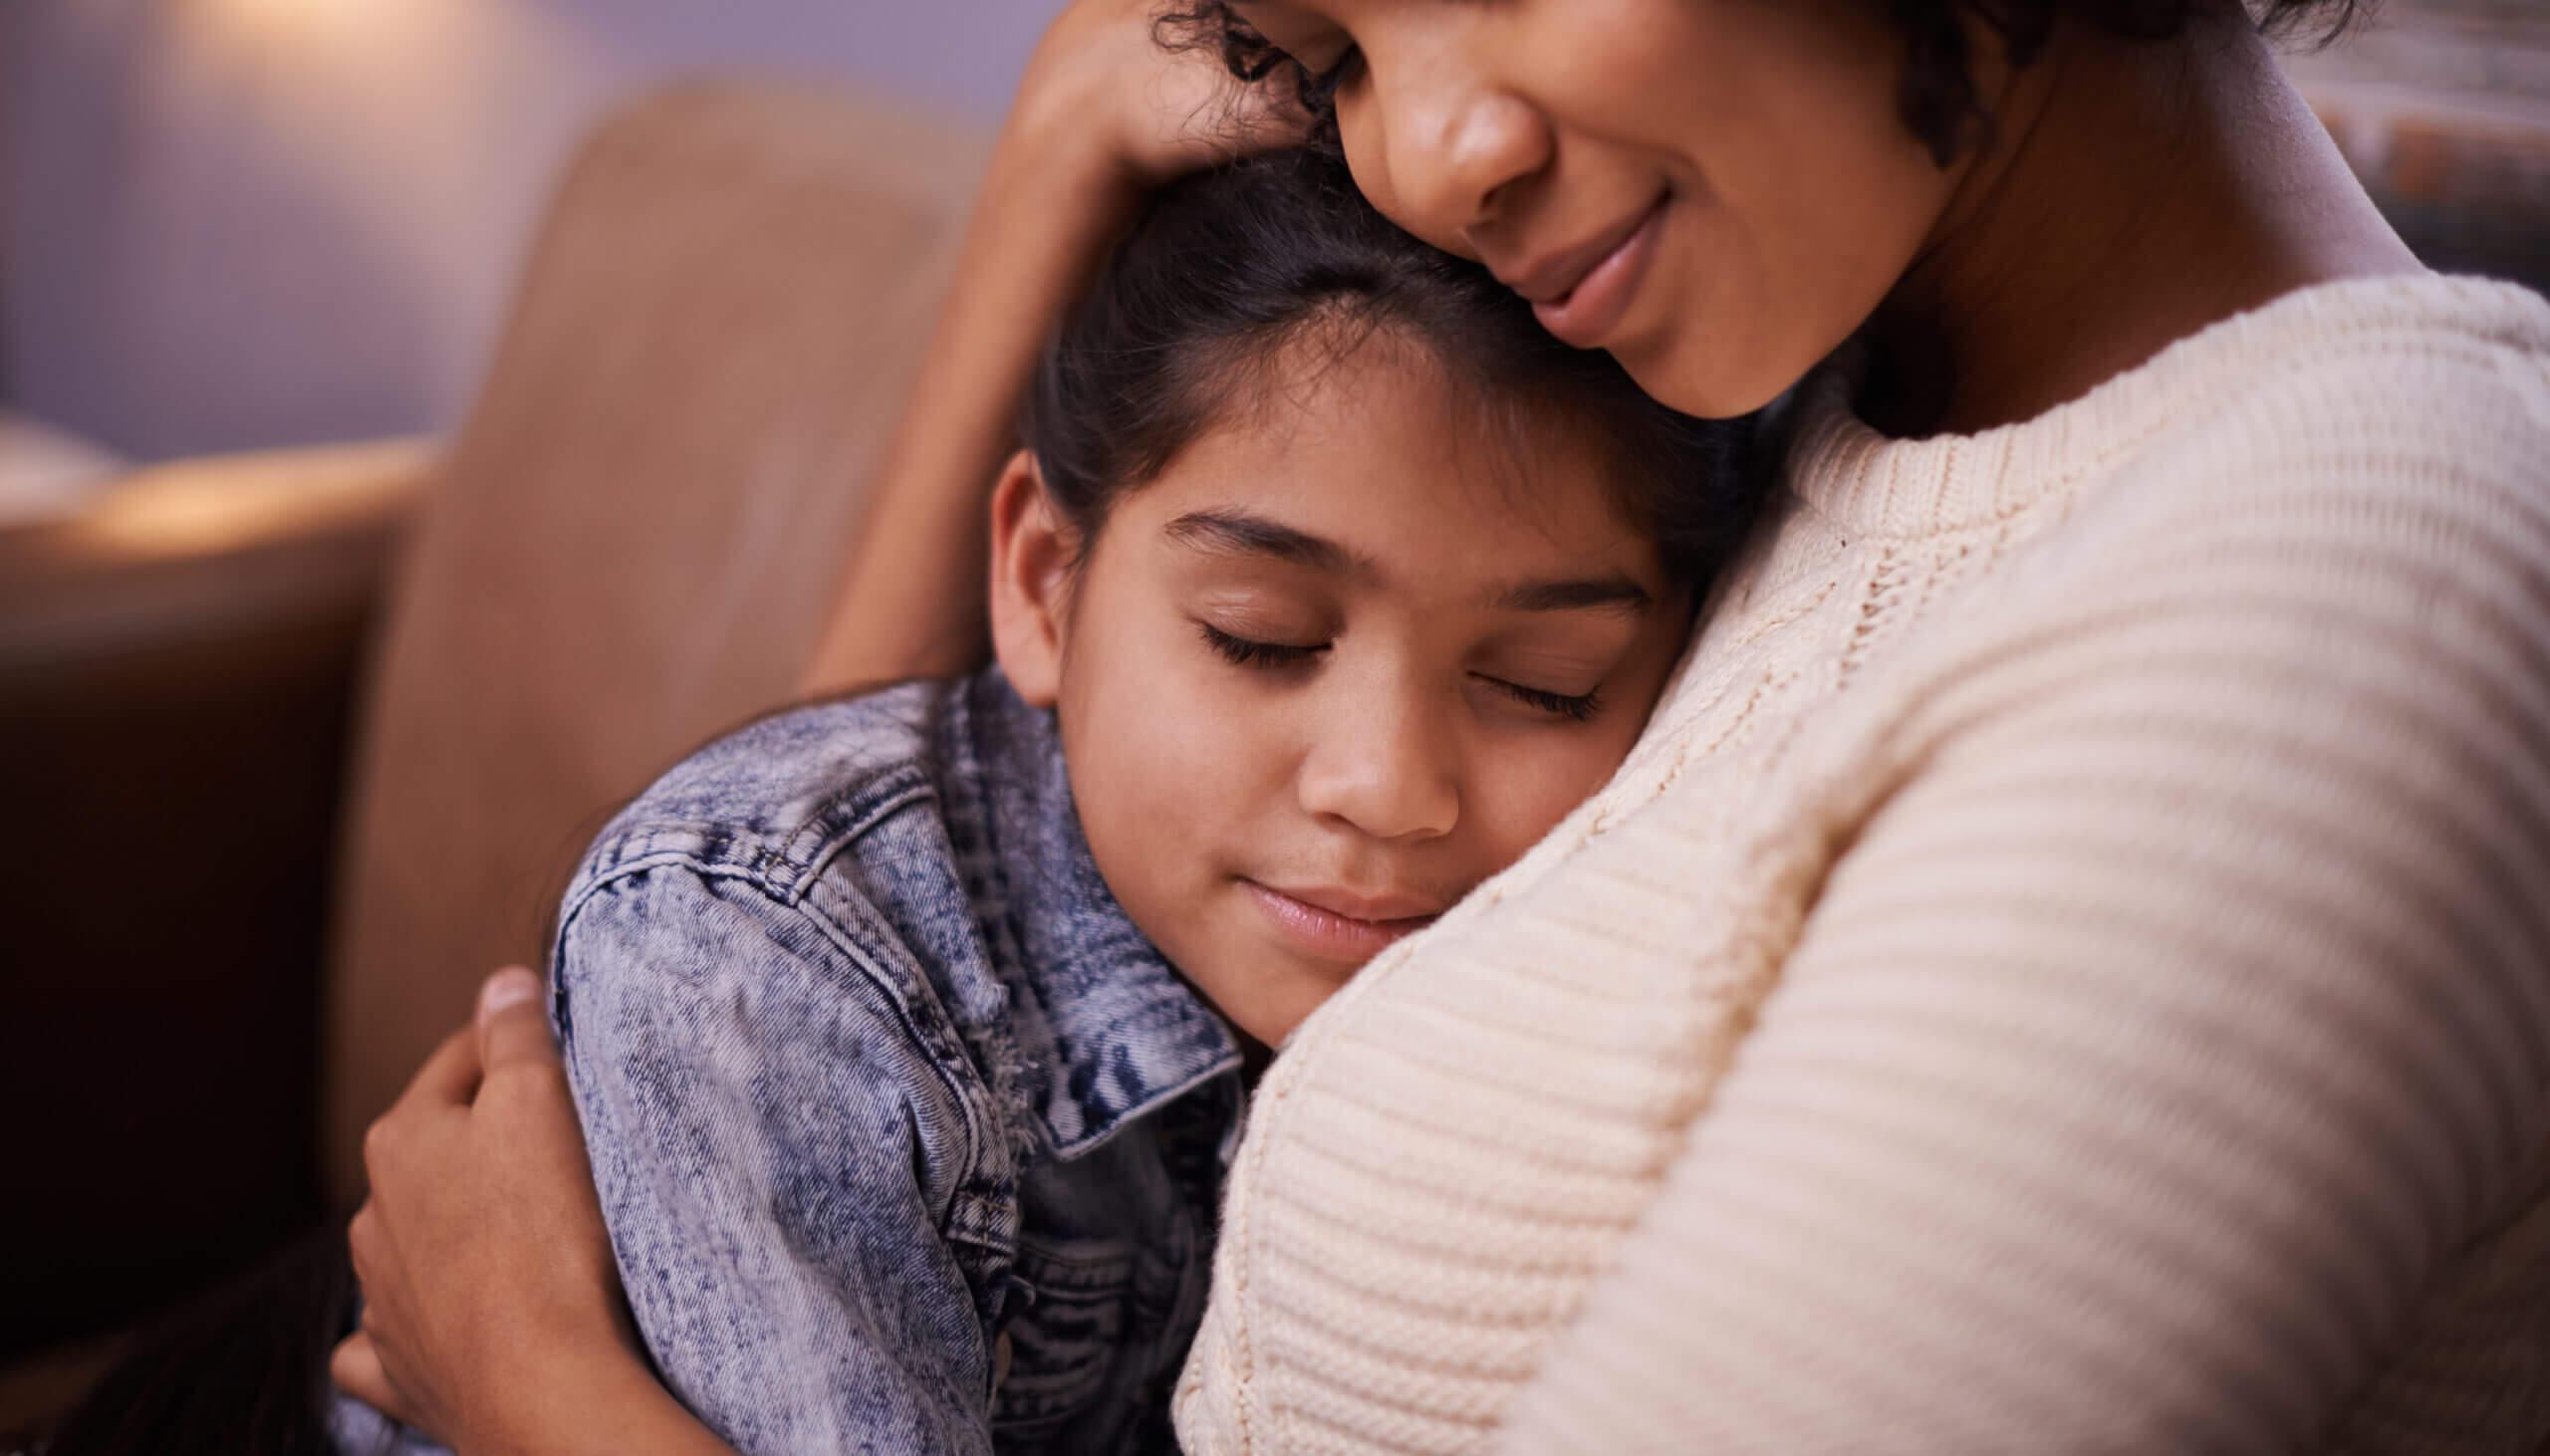 O que é parentalidade consciente